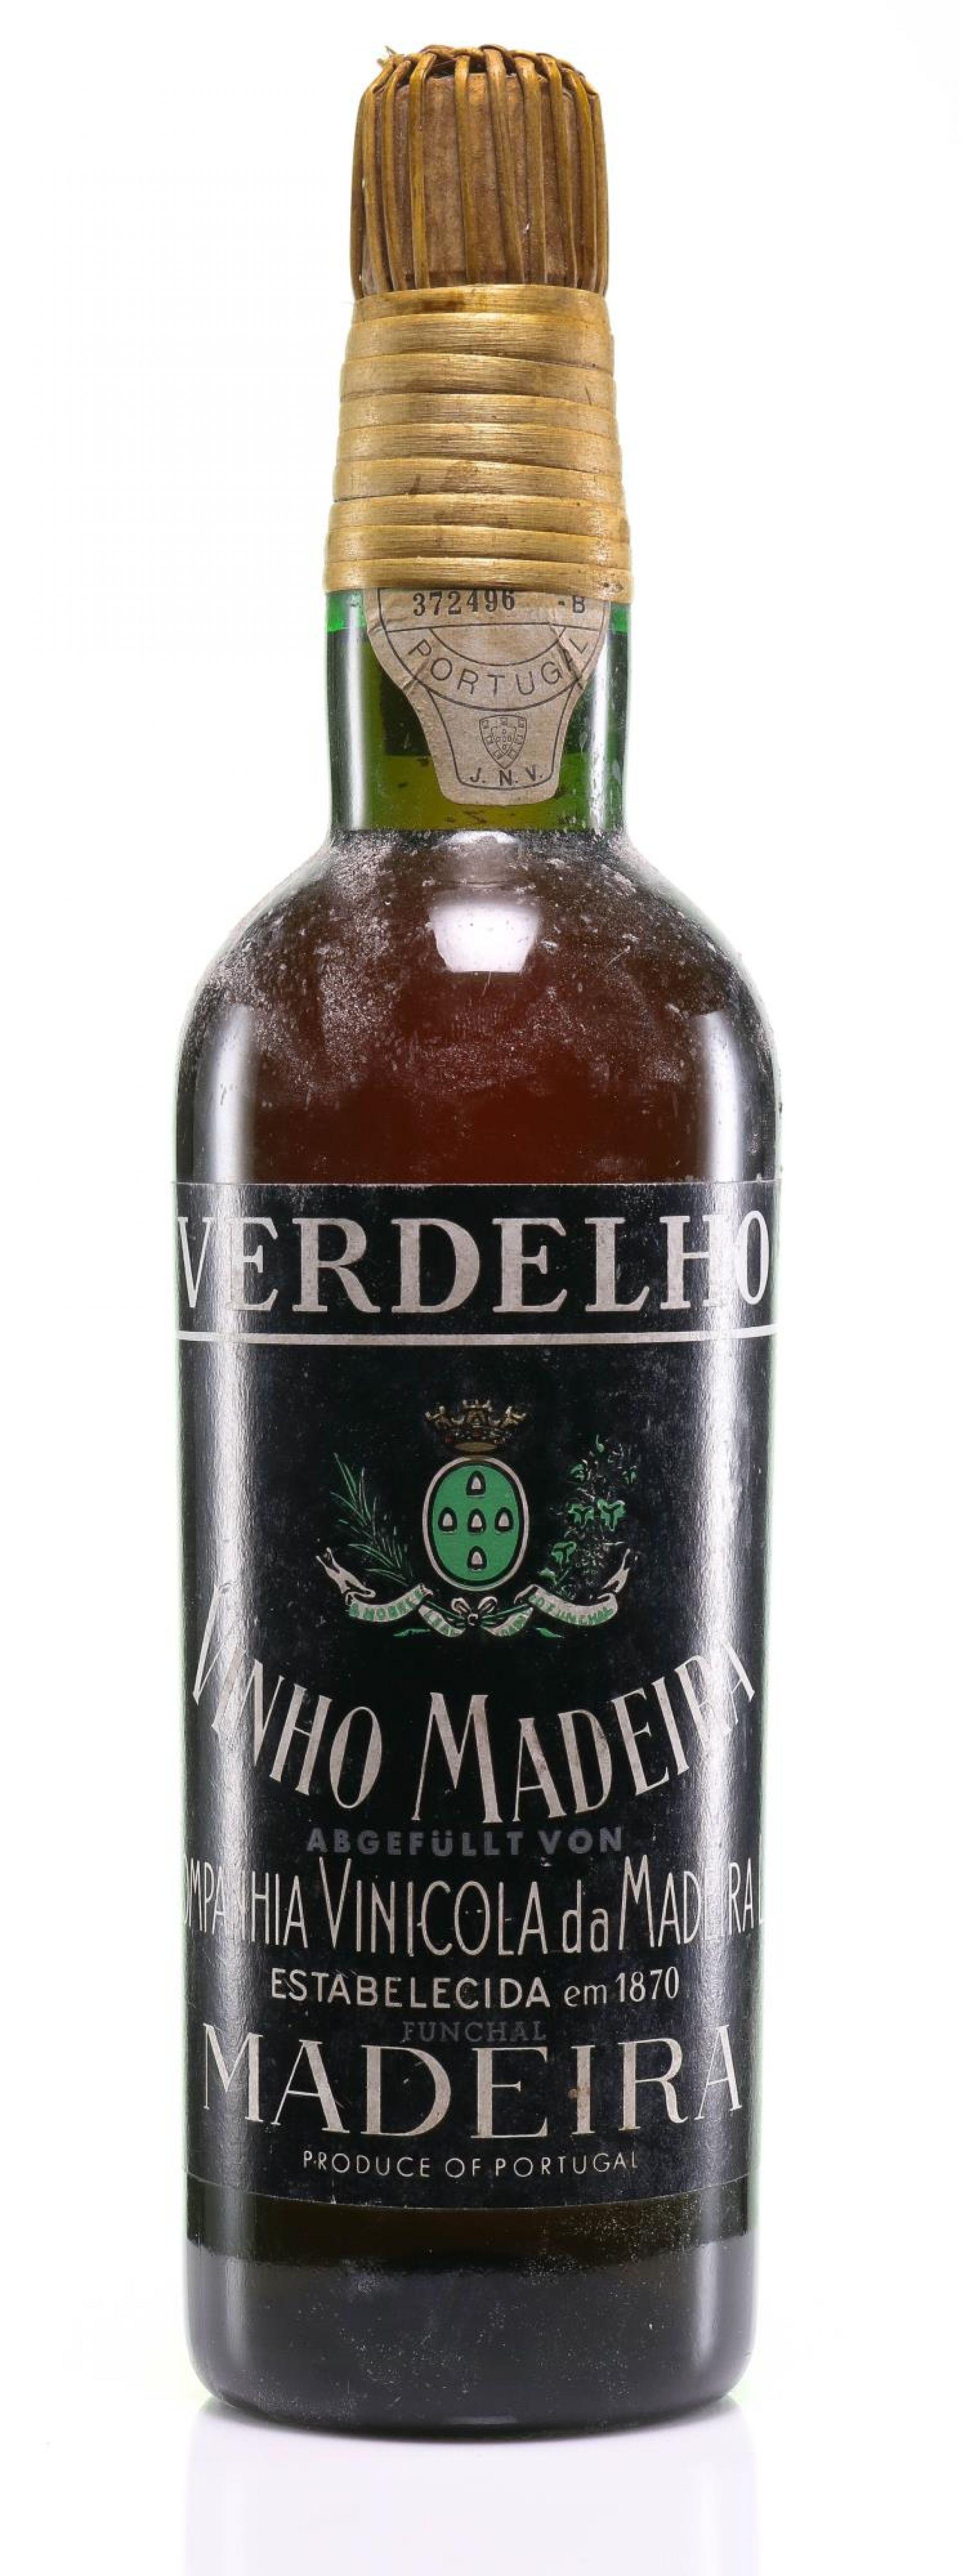 Madeira Verdelho Companhia Vinicola da Madeira